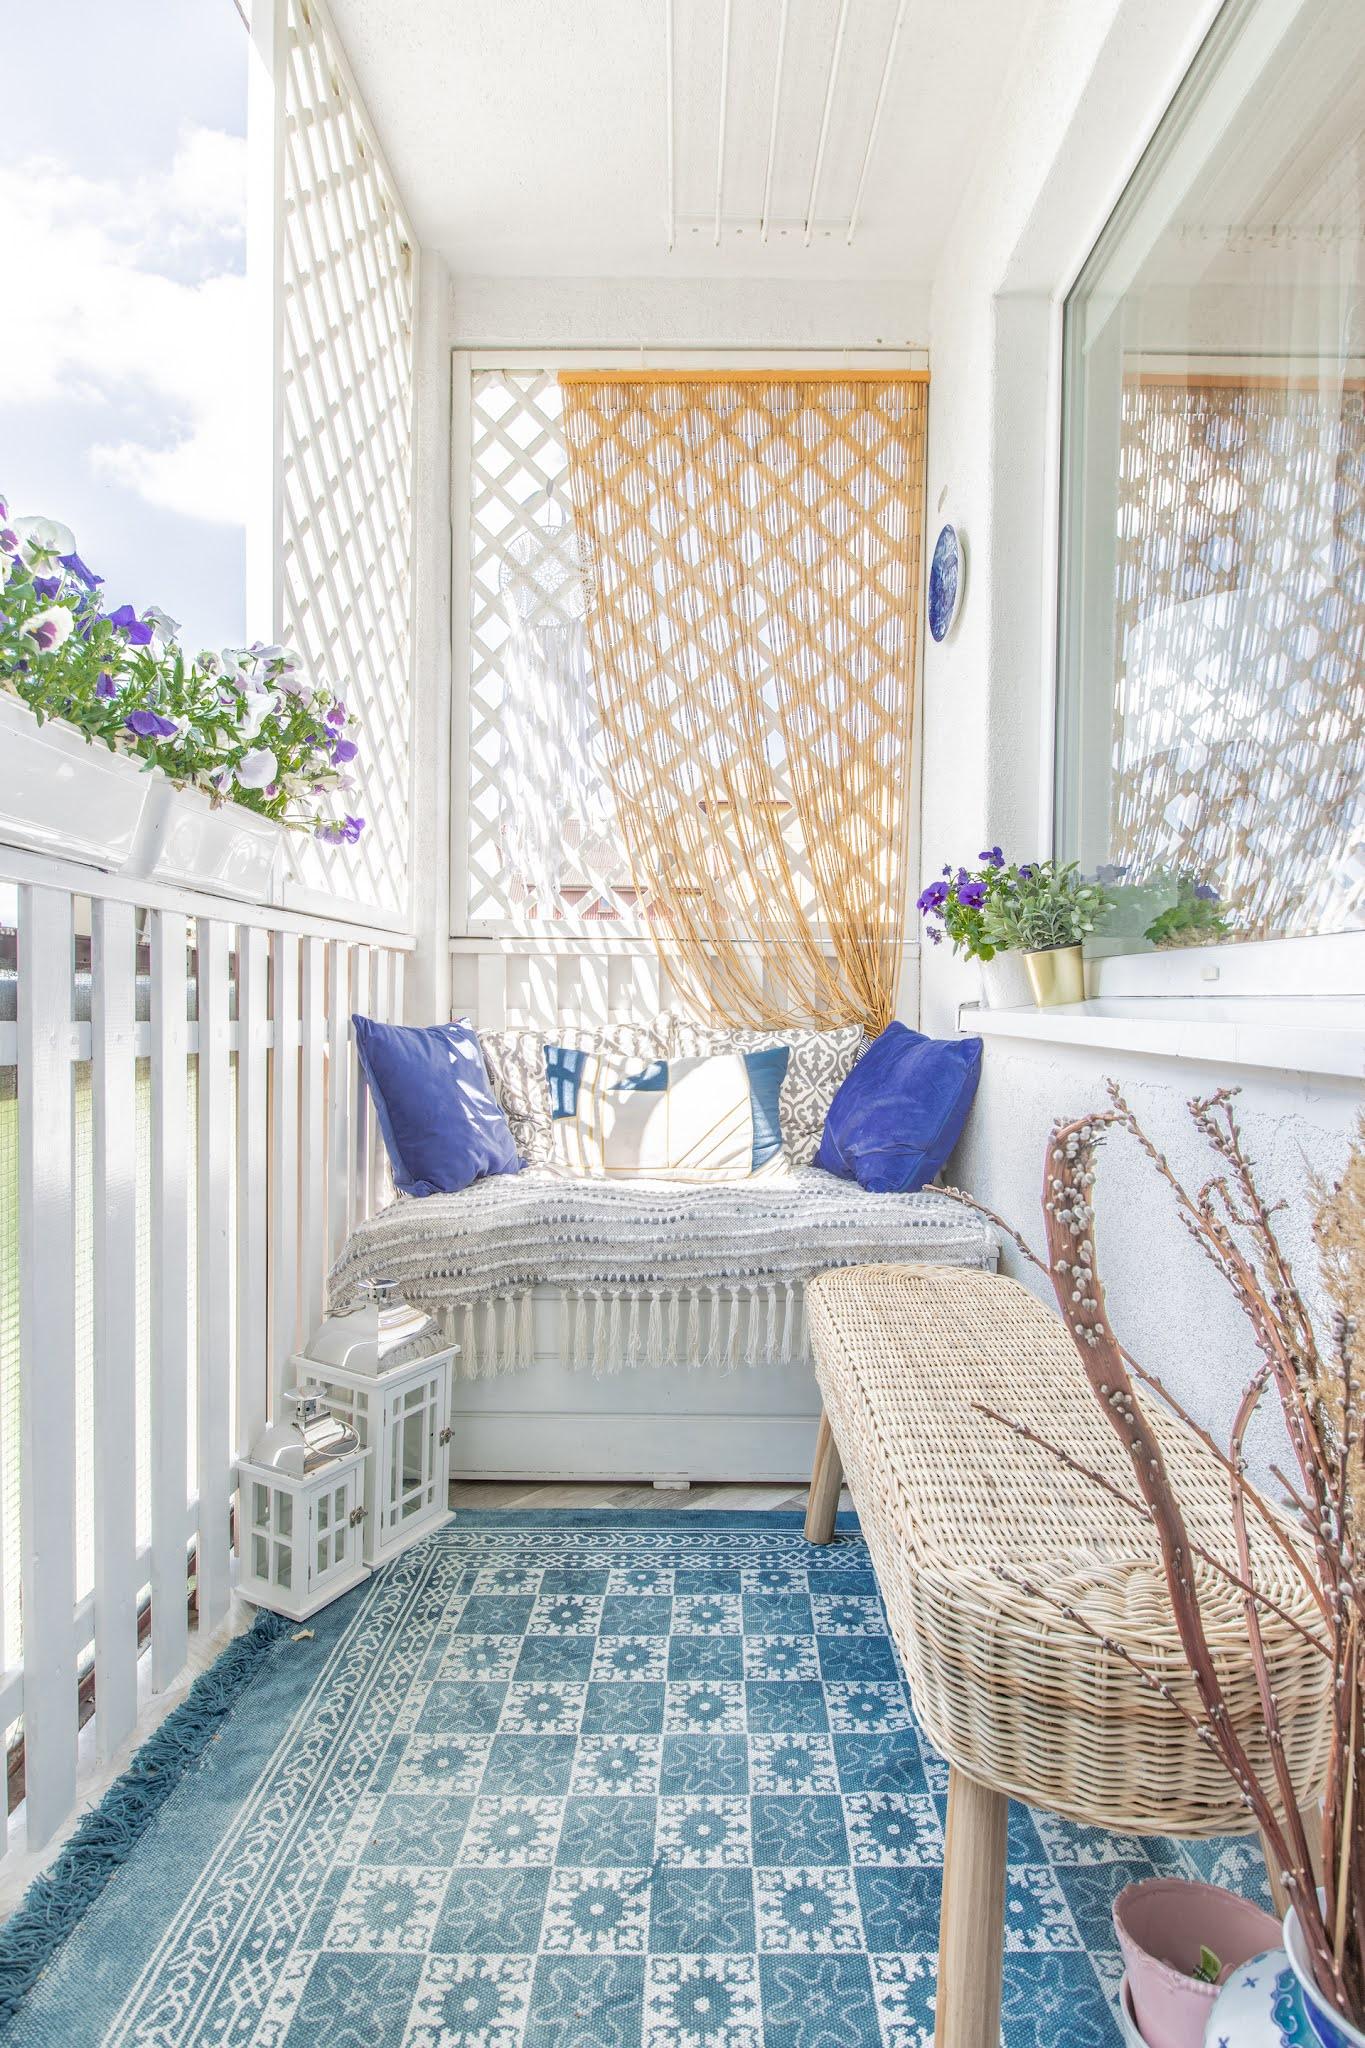 jak odmienić mieszkanie na wiosnę - balkon